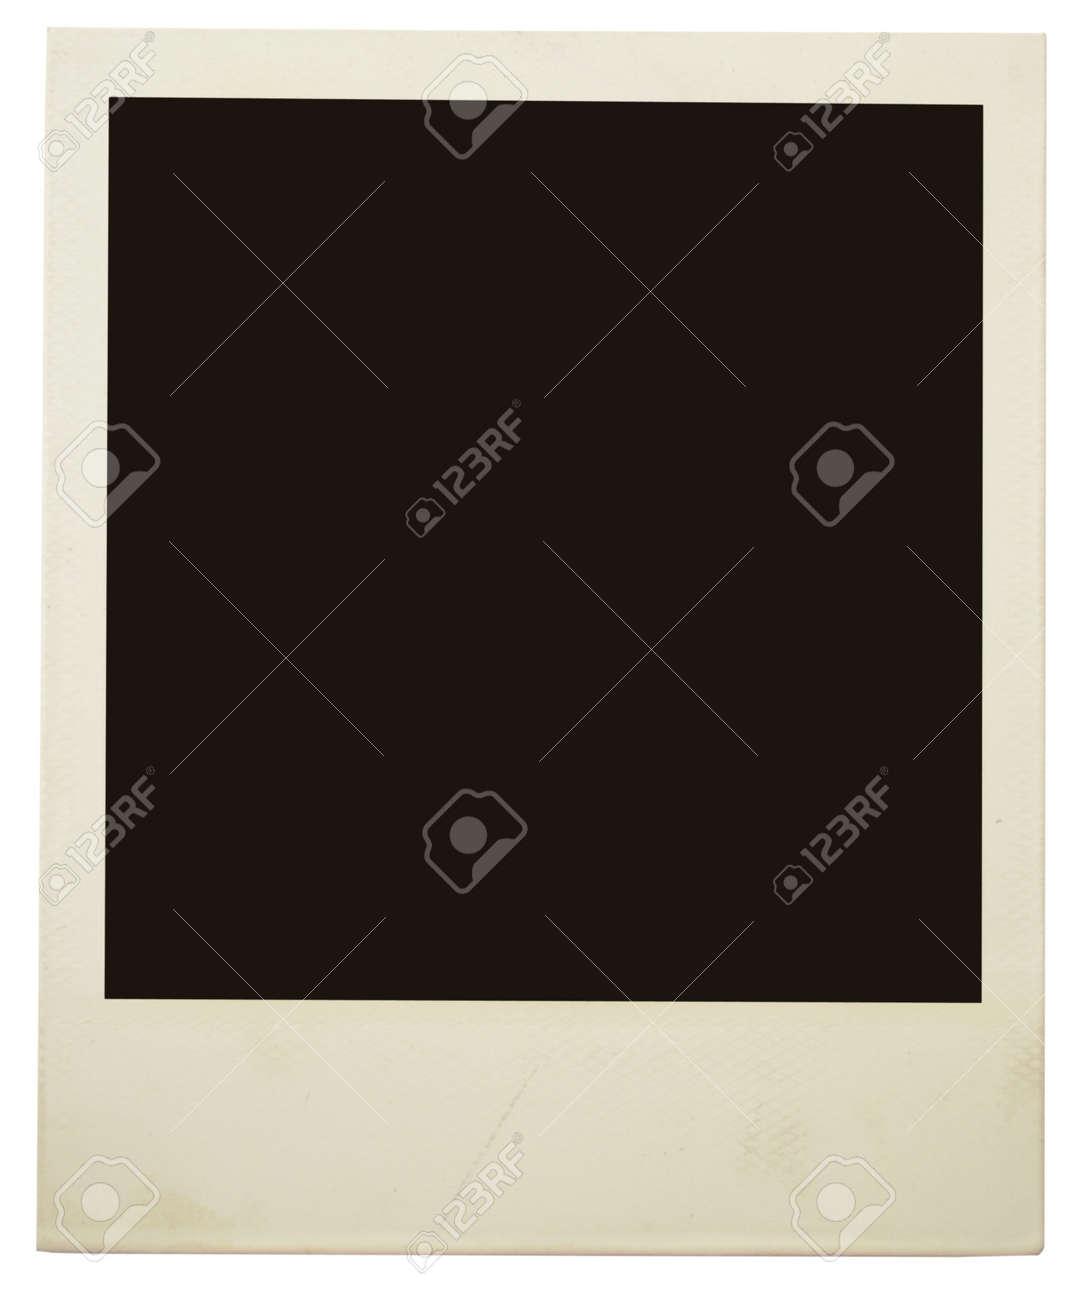 photo frame isolated on white Stock Photo - 11153490